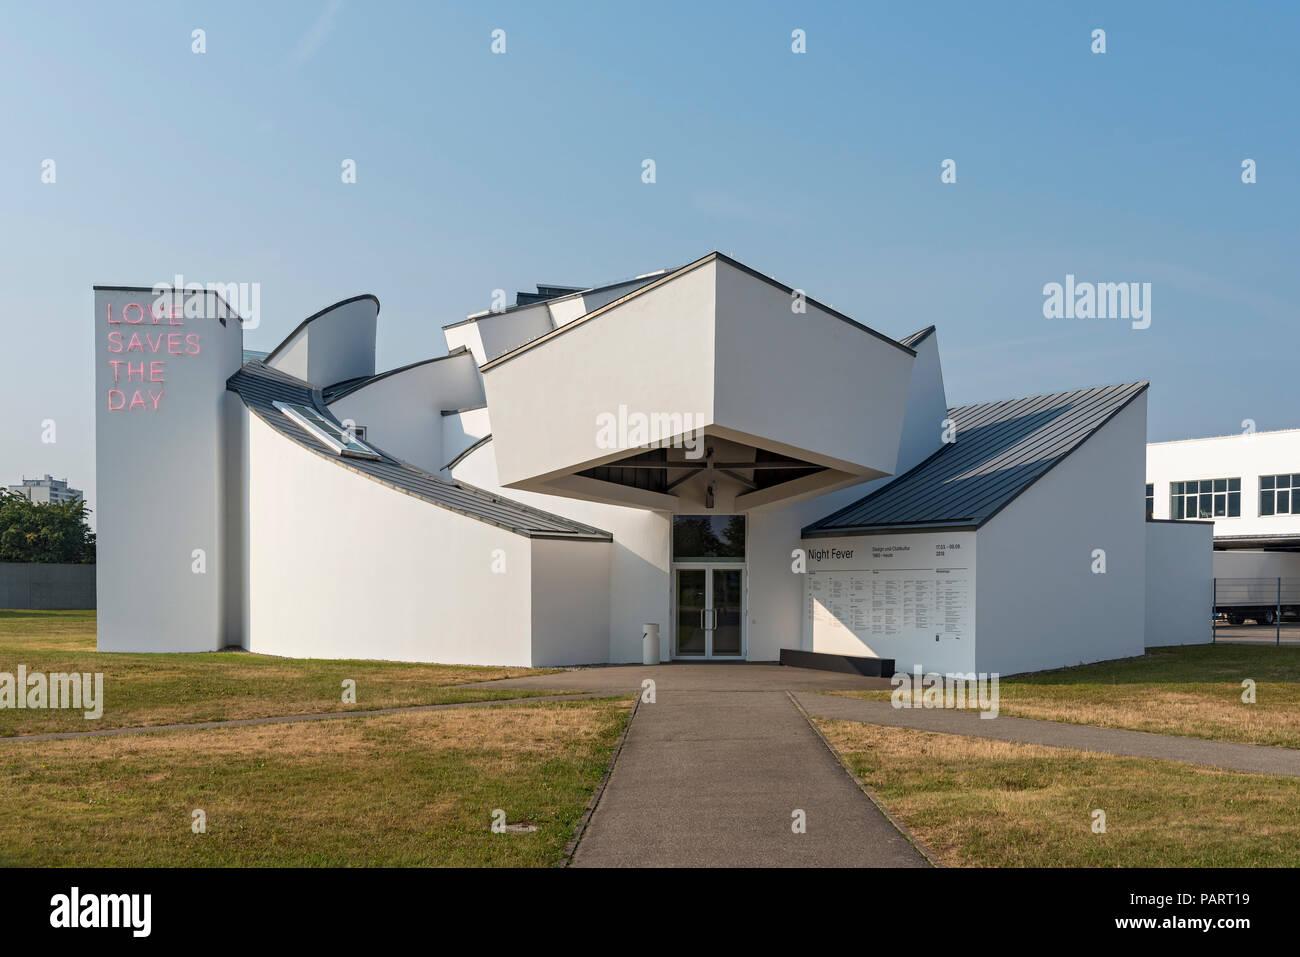 Vitra Design Museum Di Weil Am Rhein.Vitra Design Museum Building Di Frank Gehry A Weil Am Rhein